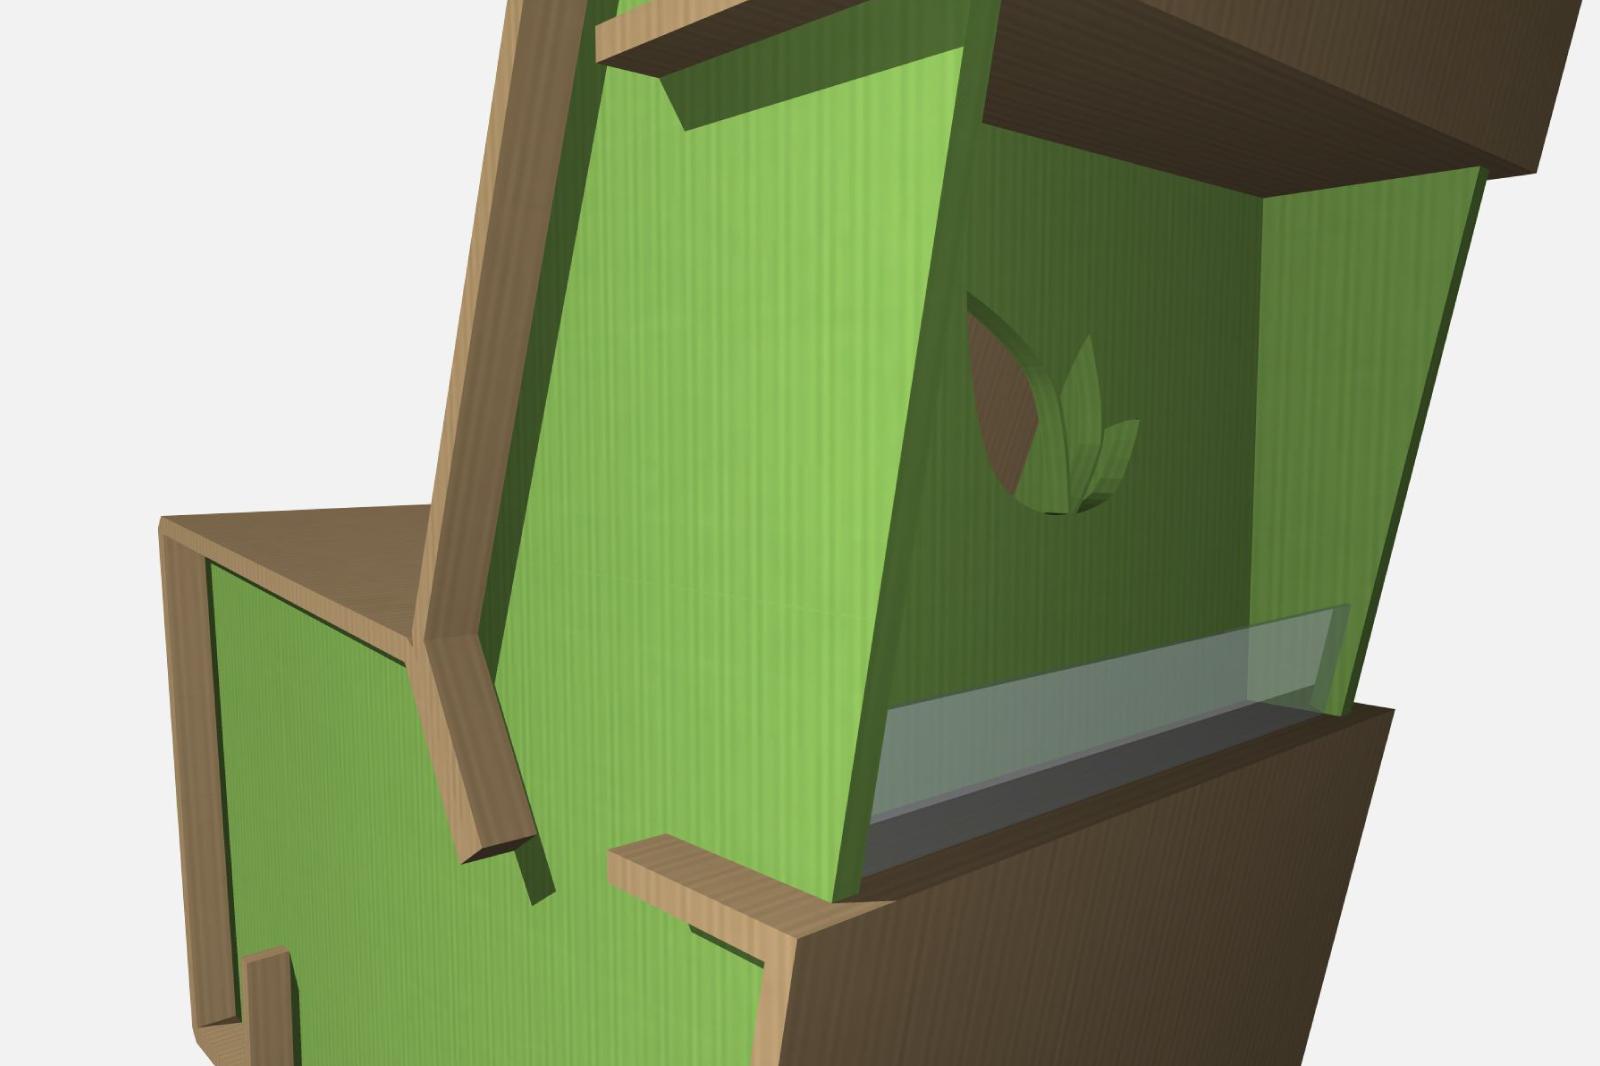 Poltrona in Cartone | ArchiStudio502